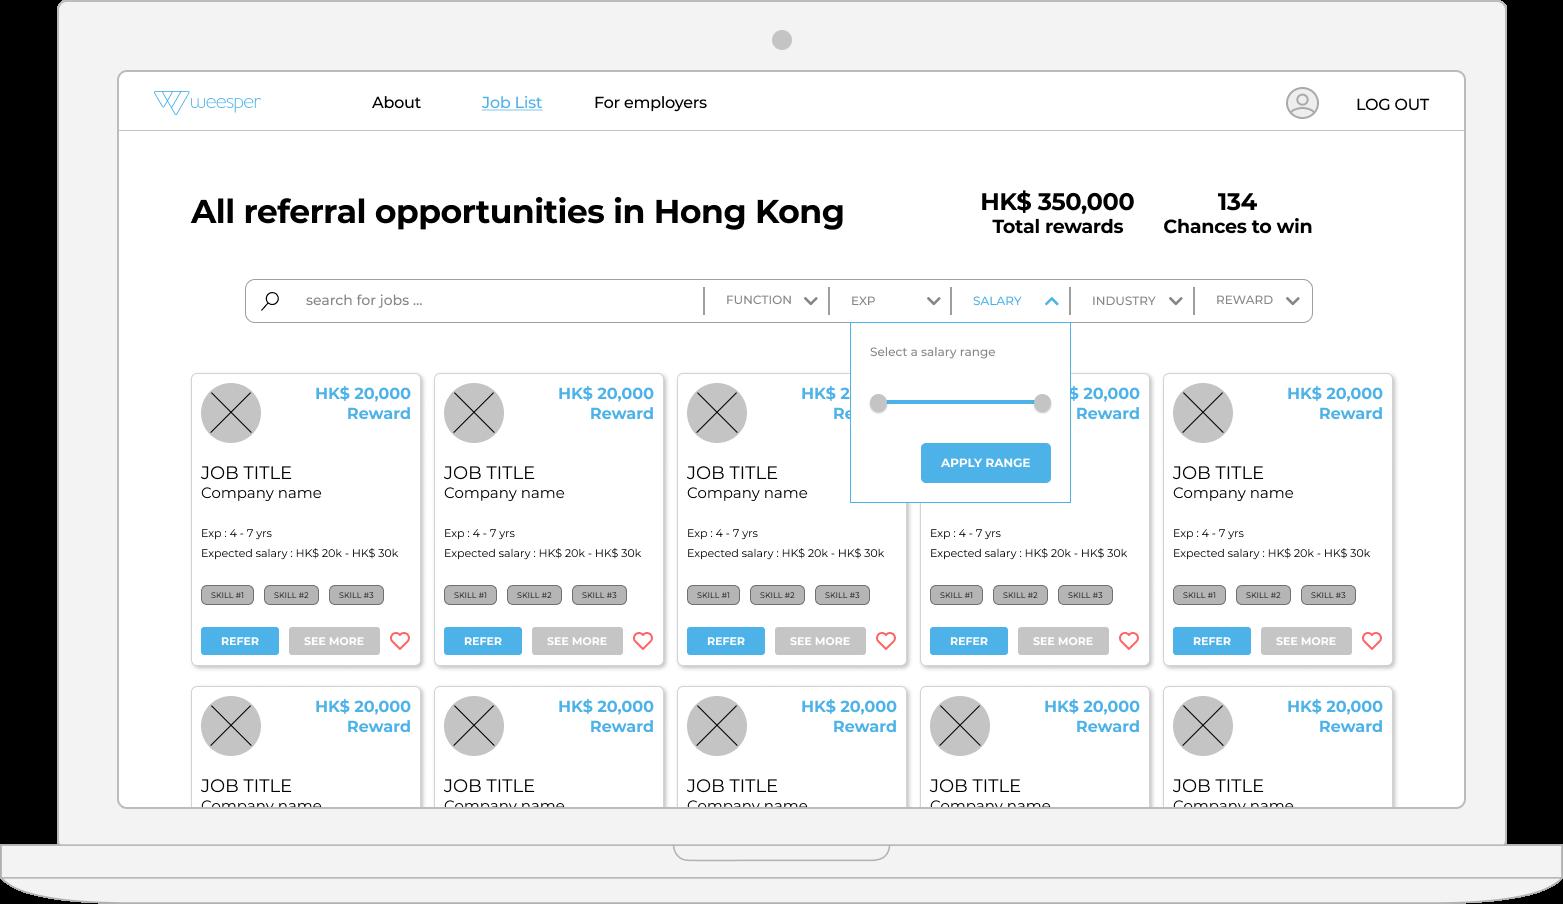 weesper job list desktop web design